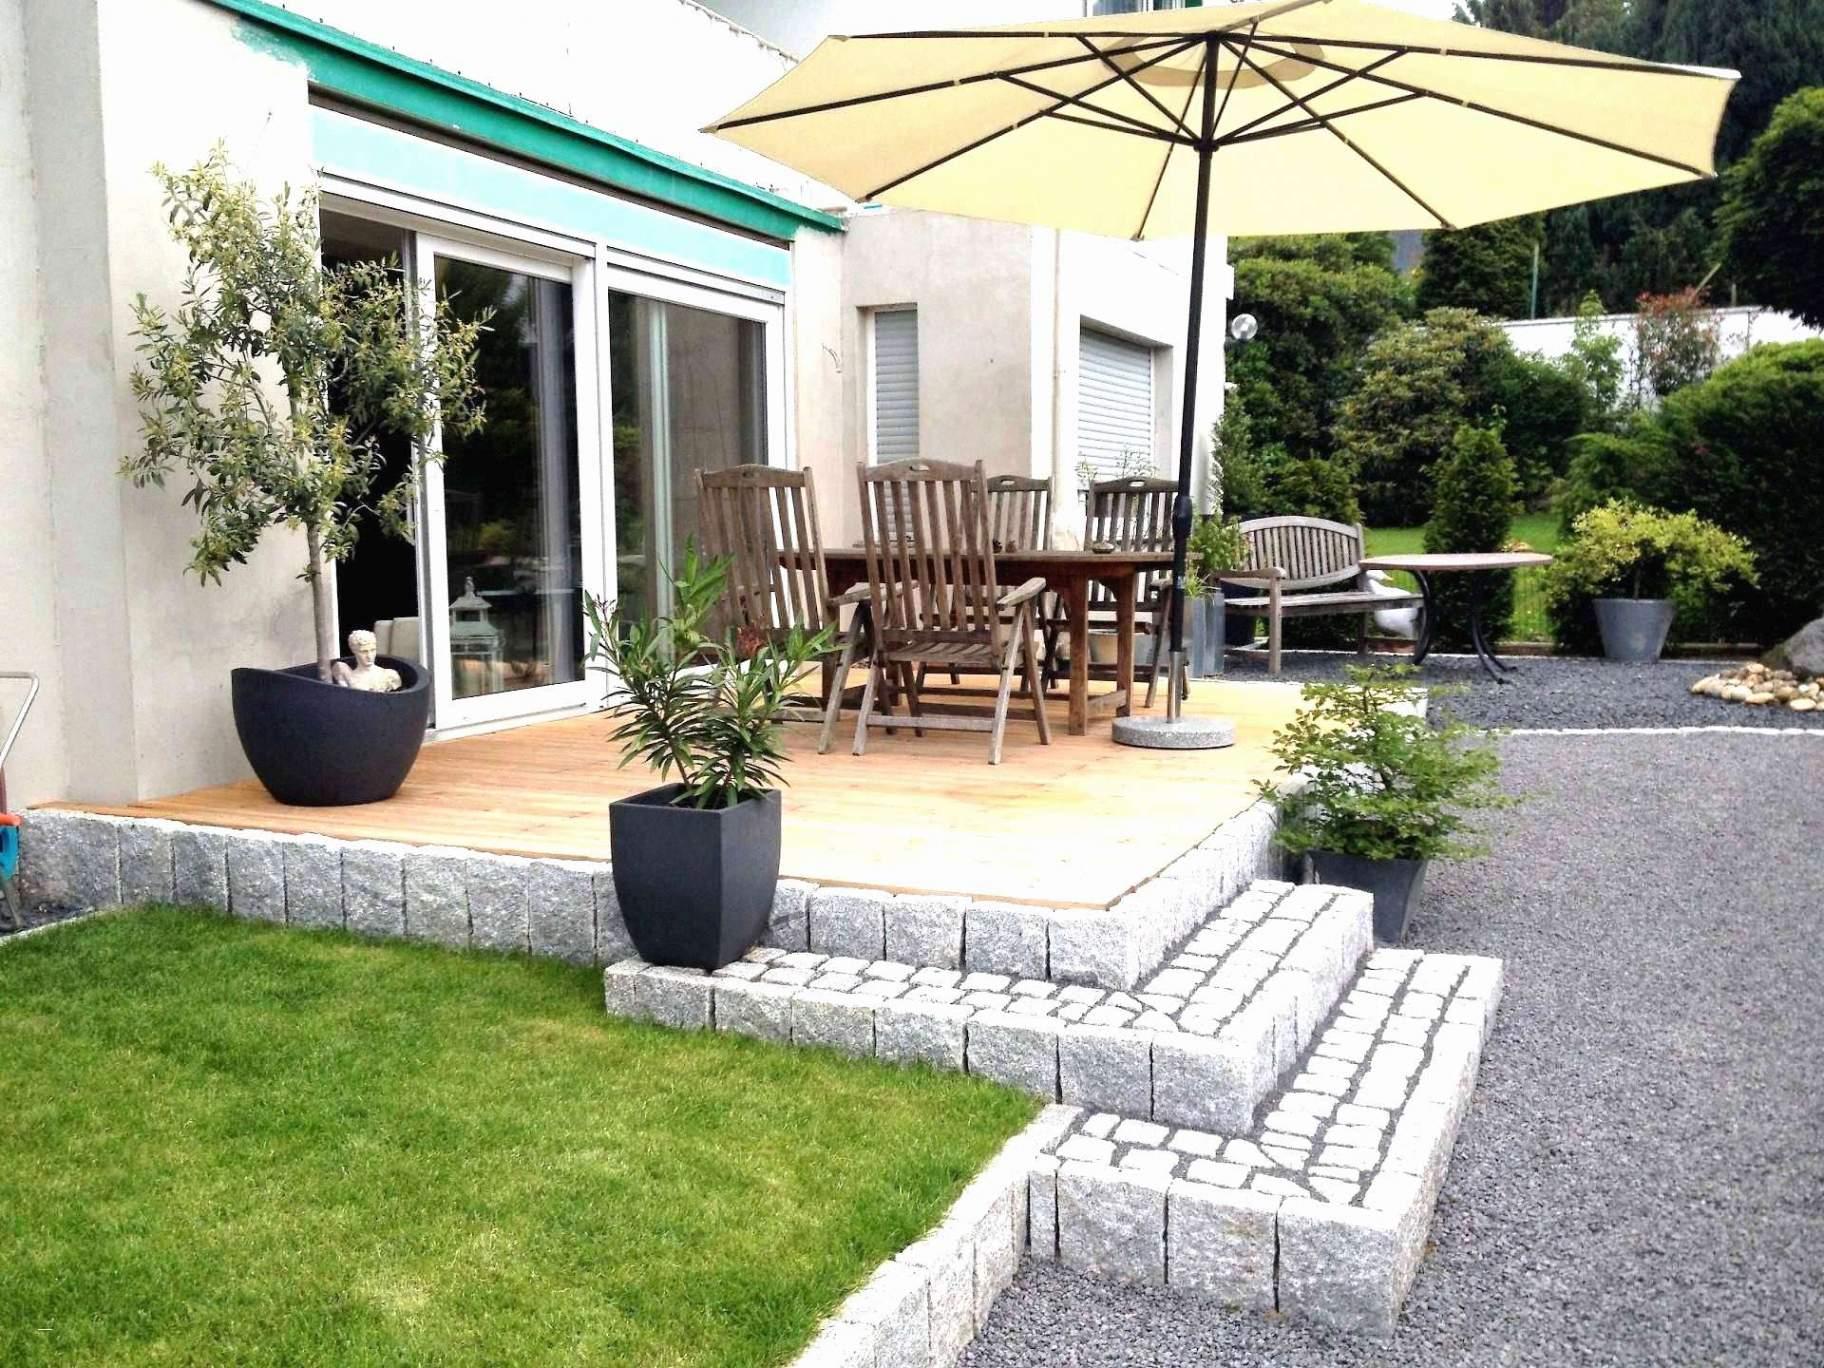 45 frisch gelander terrasse holz bilder treppengelander holz modern treppengelander holz modern 5